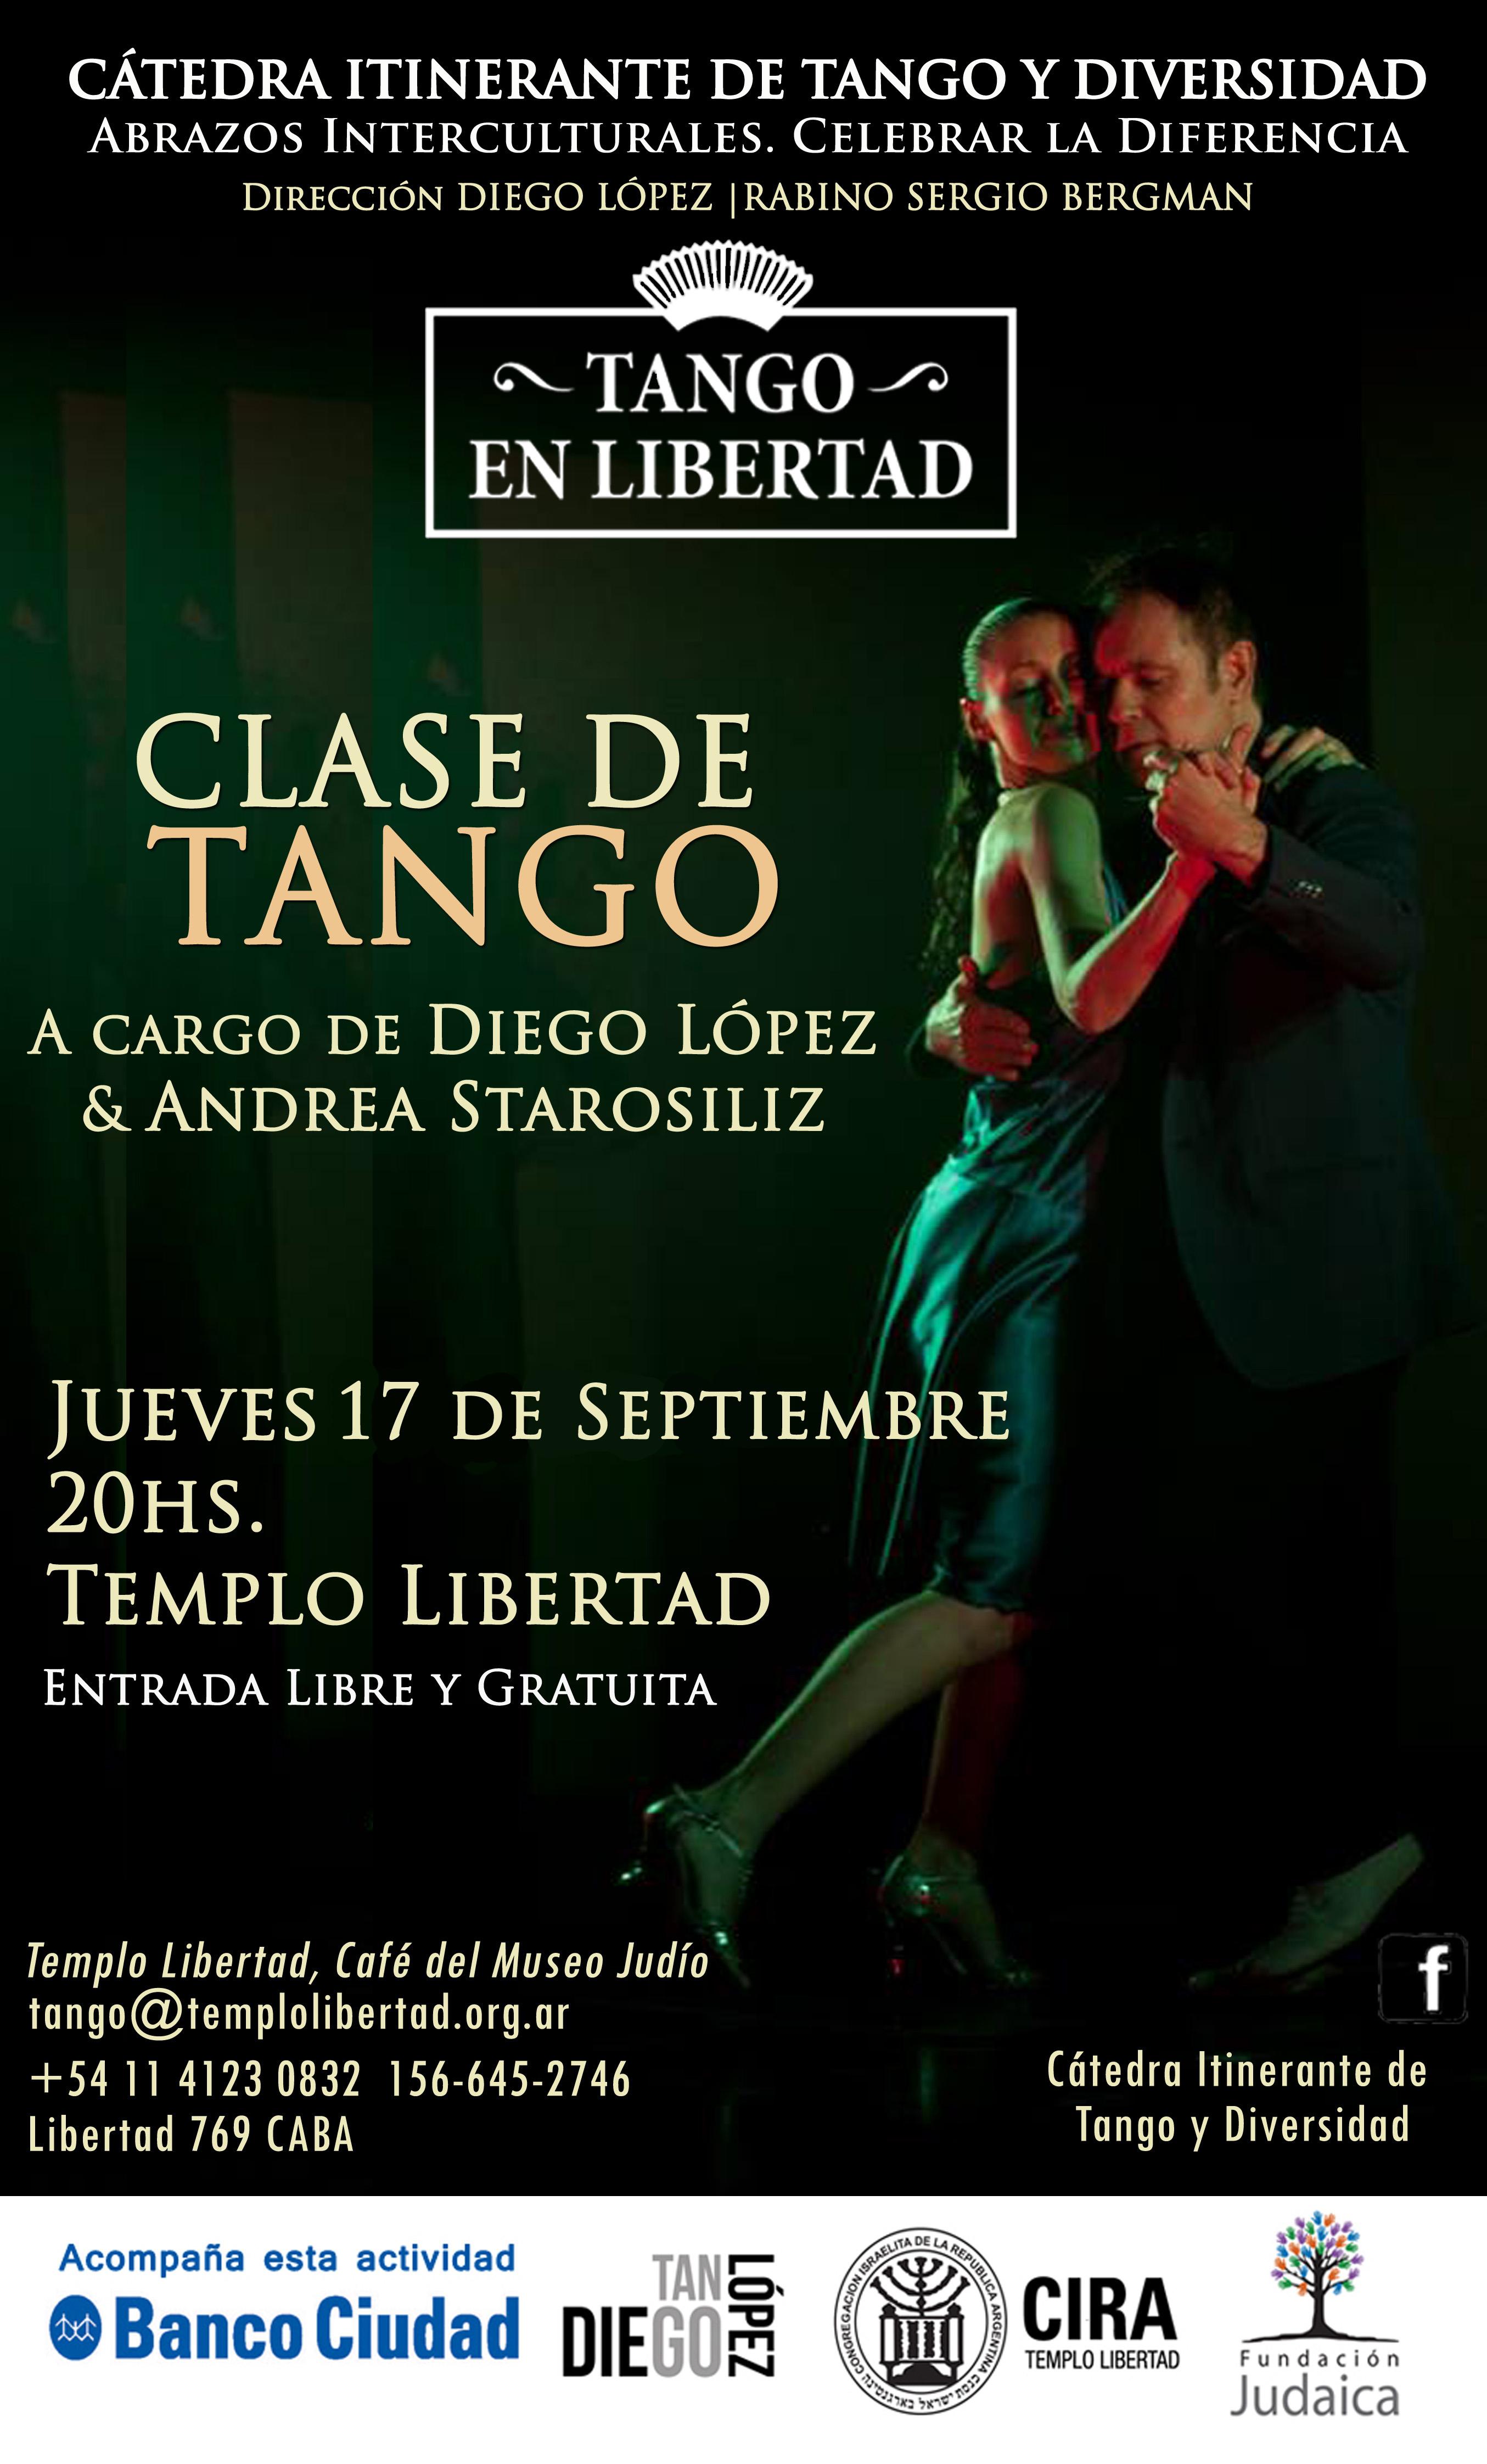 Clase de tango en libertad 17 Sept.